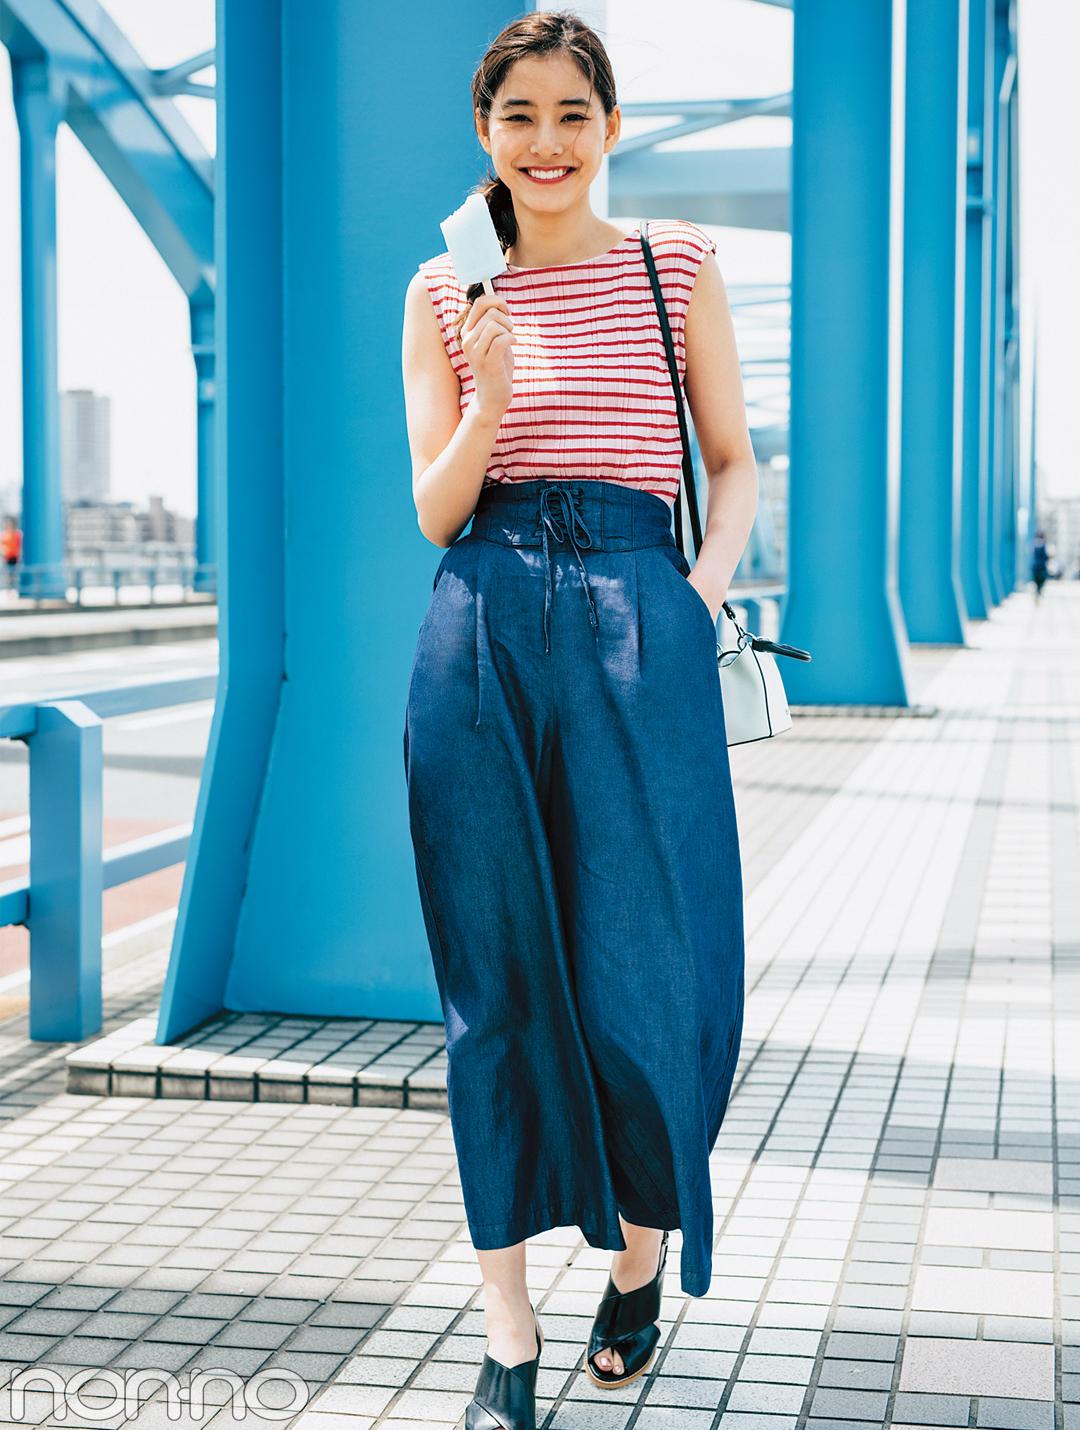 スタイルUPポイントつき★ワイドデニムの大人気コーデ夏Ver.3選_1_4